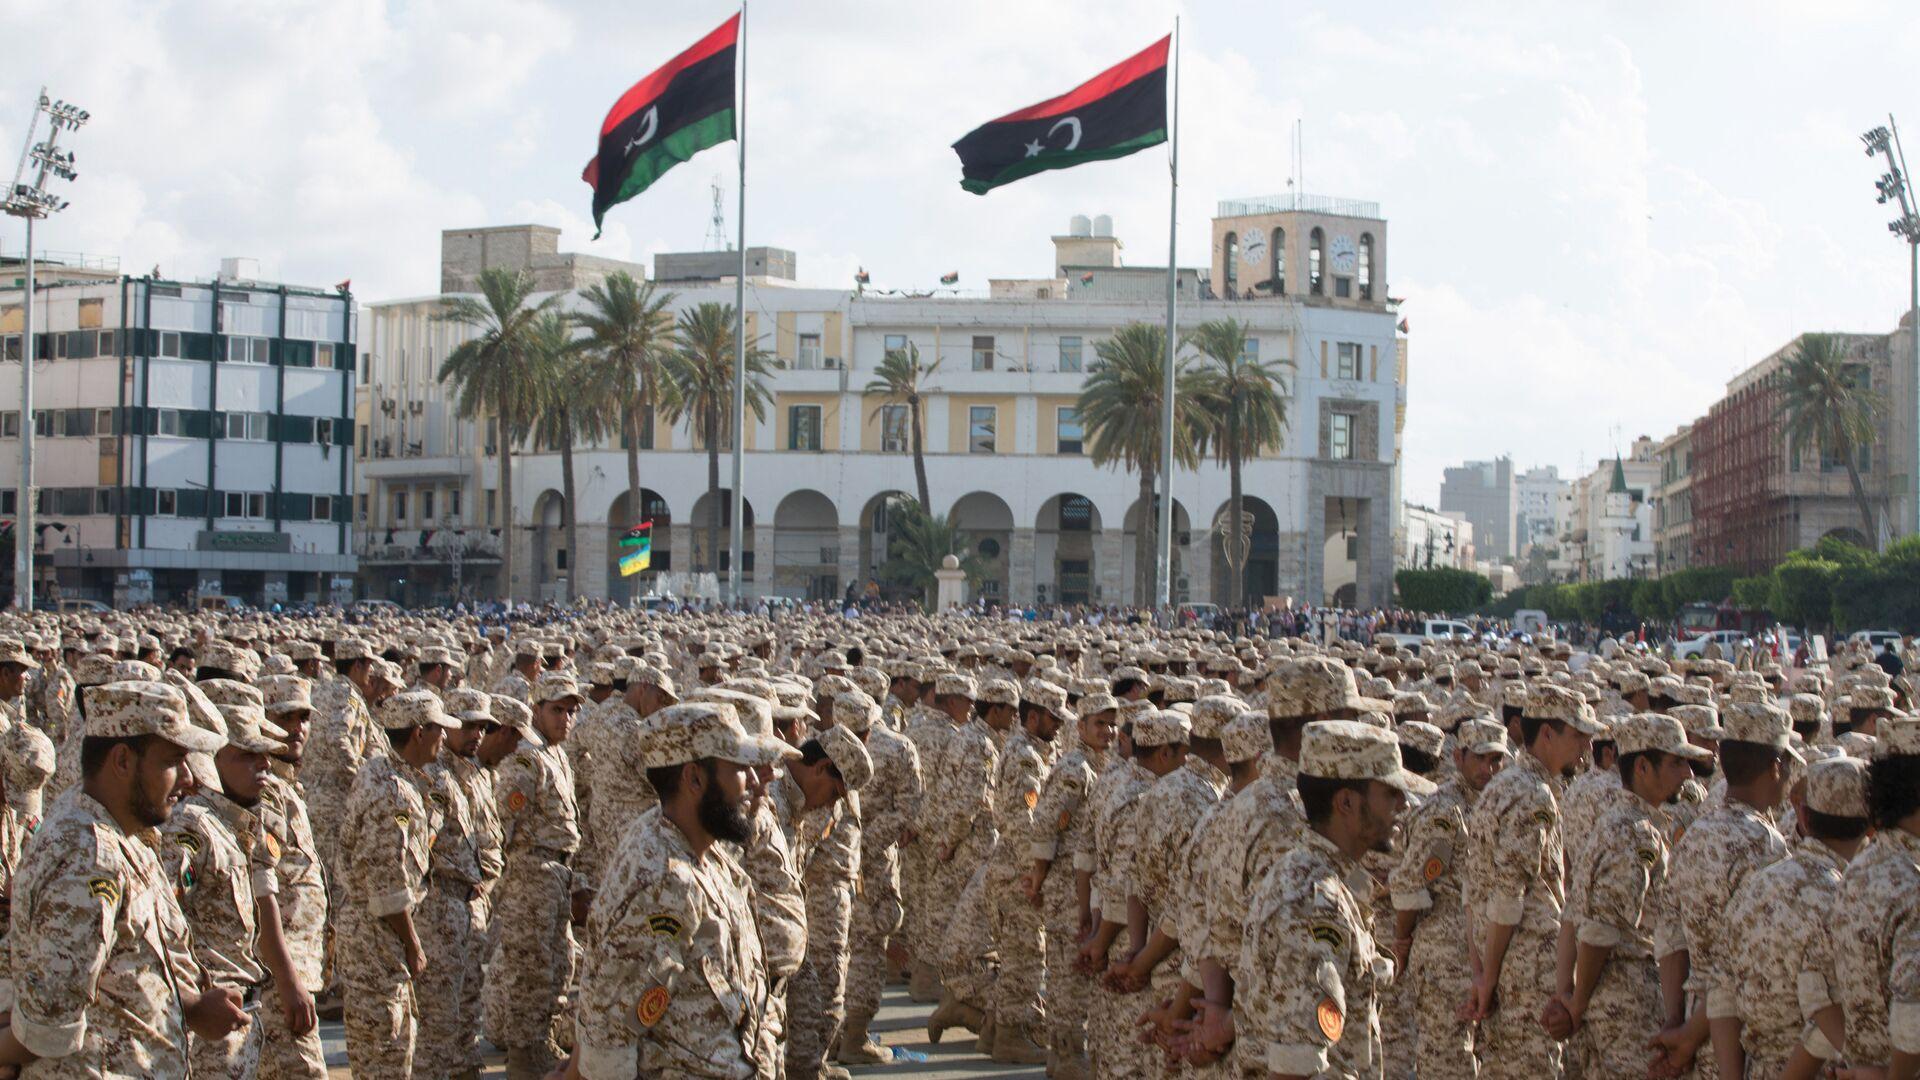 Militares bajo el mando del gobierno en Tripoli celebran el 75º aniversario del Ejército de Libia - Sputnik Mundo, 1920, 29.04.2021